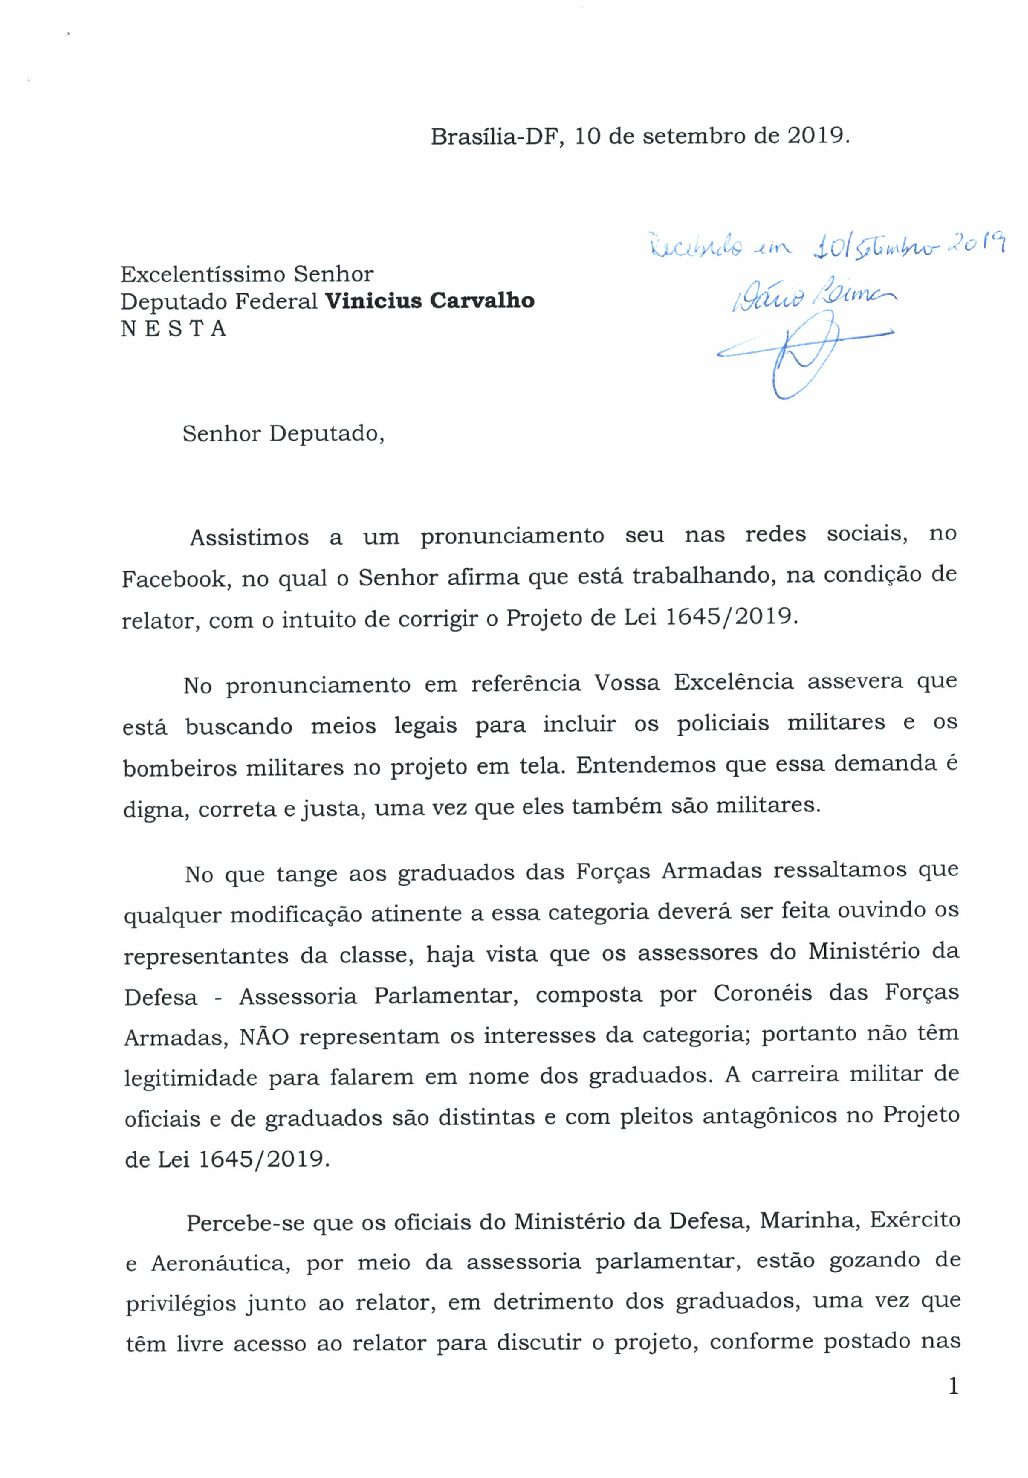 Representante de associações militares é recebido e entrega carta ao relator do PL 1645/2019